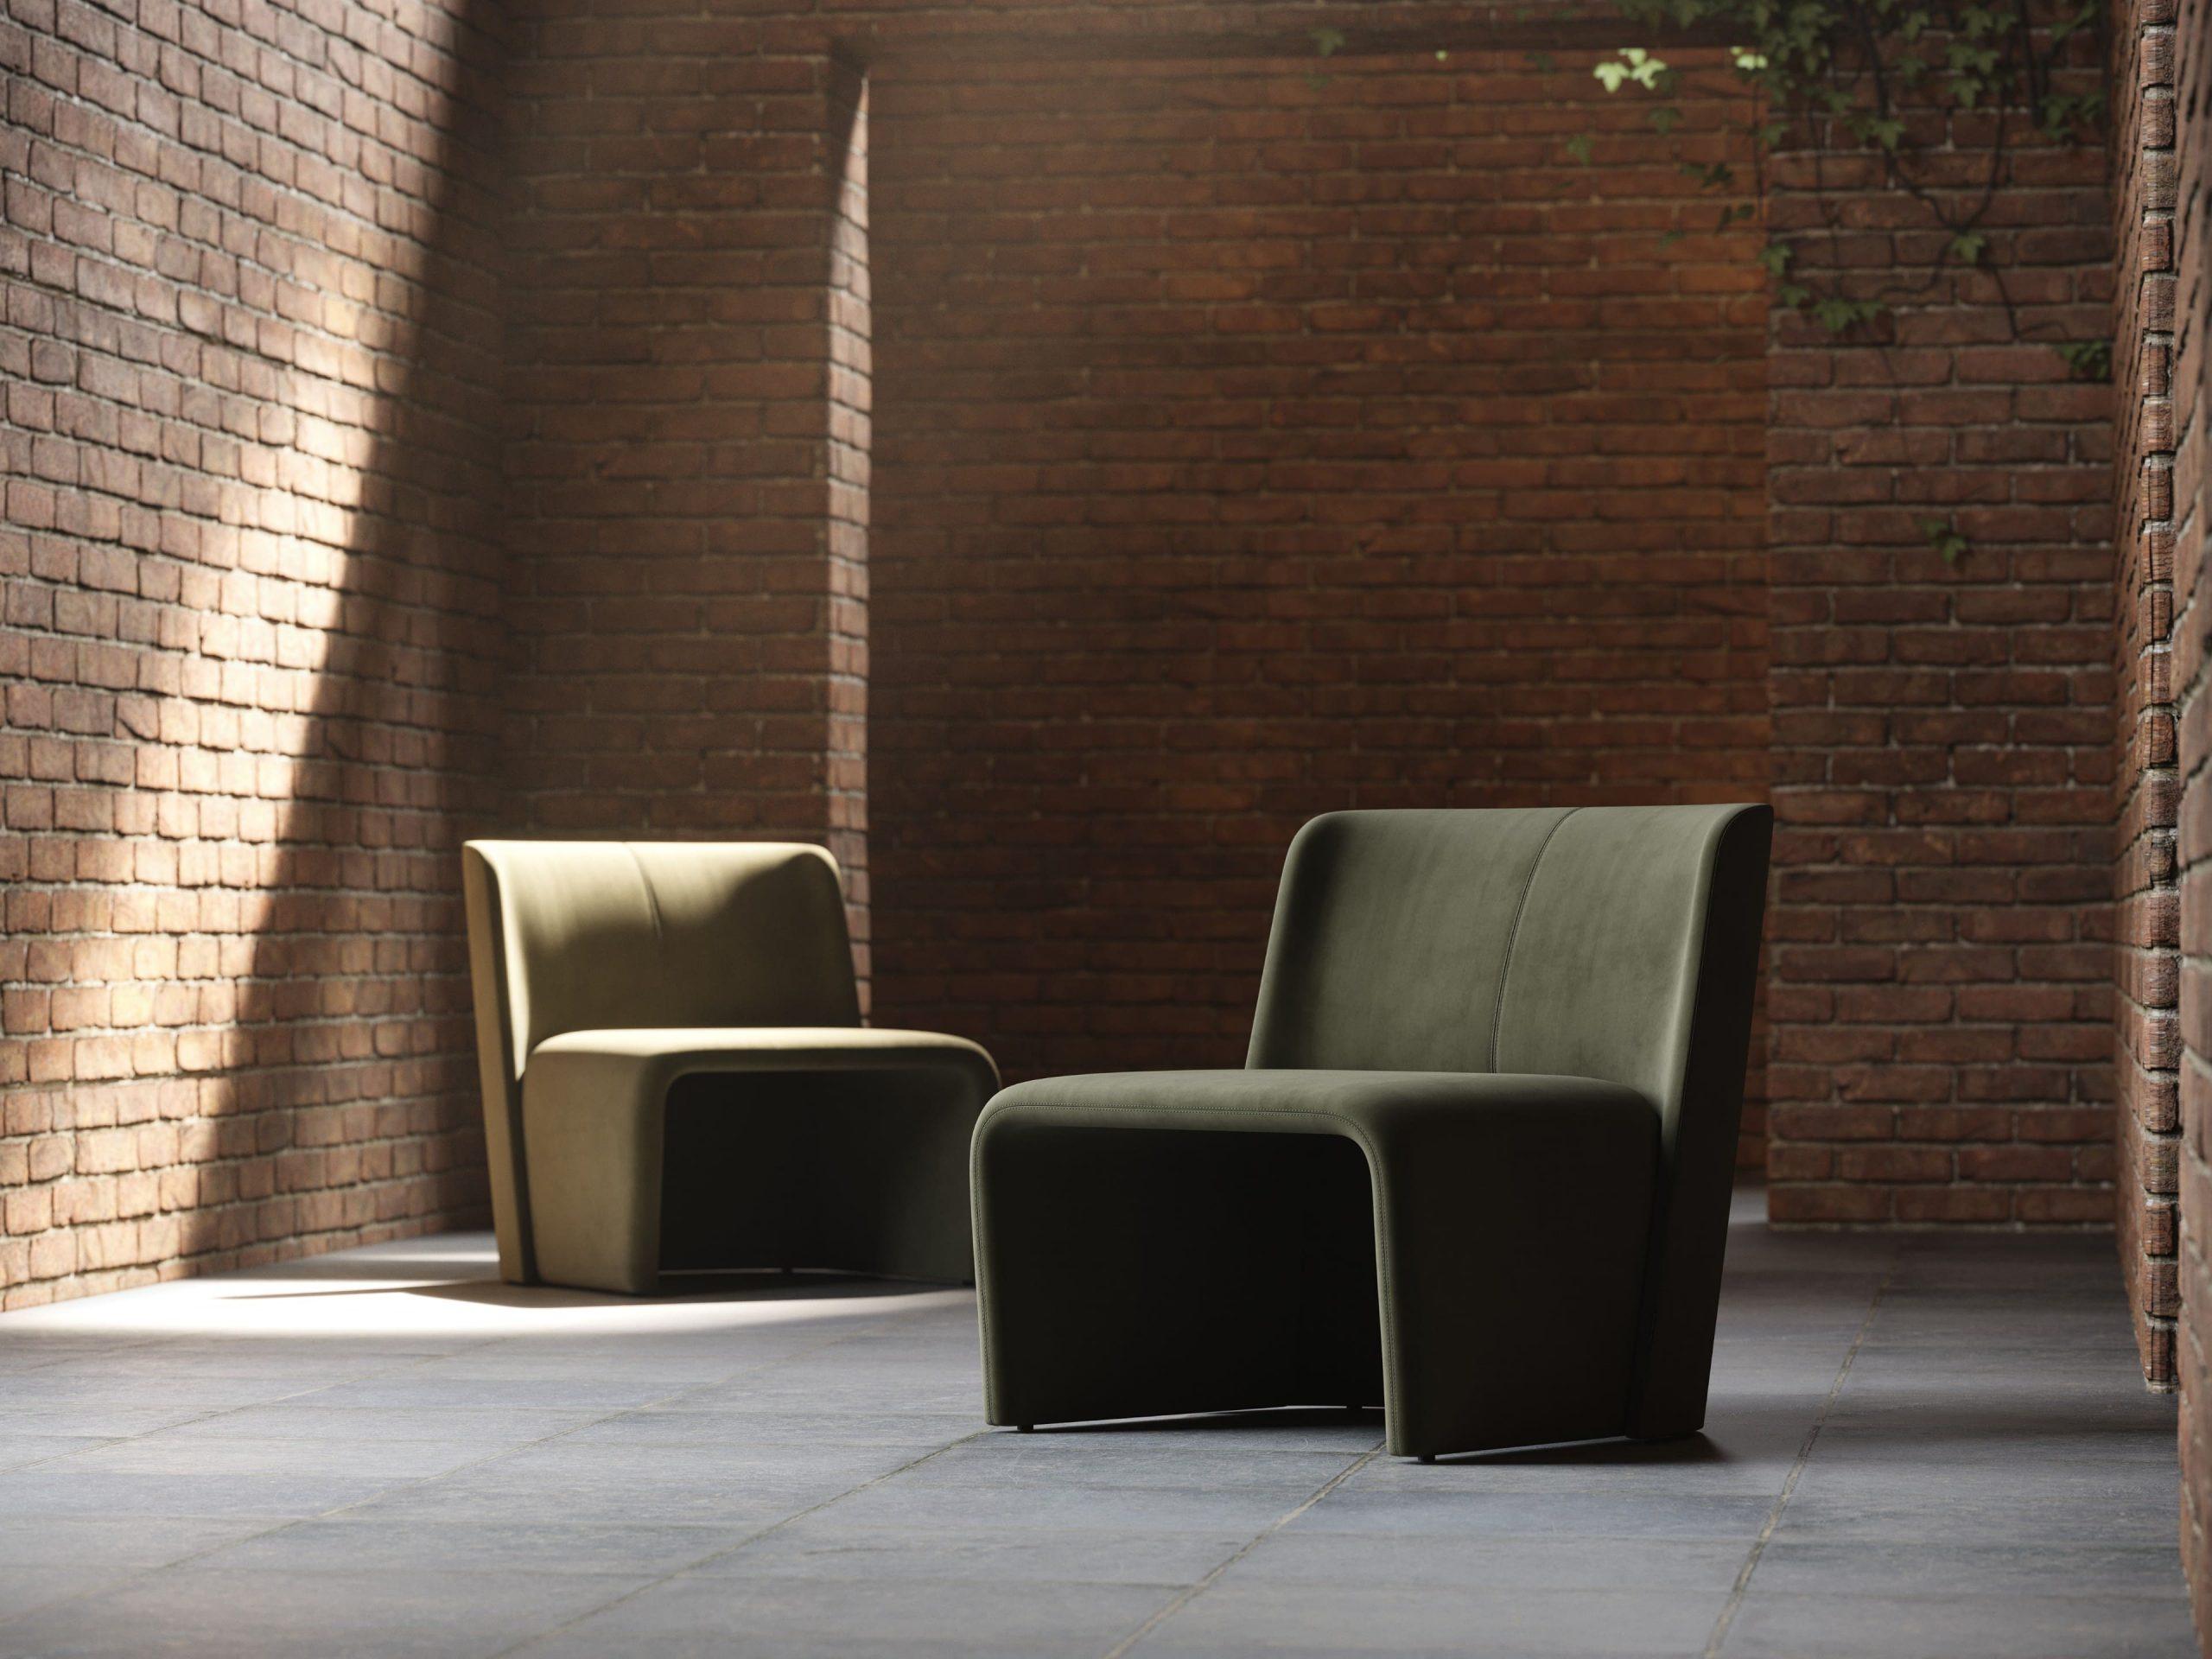 egacy-armchair-velvet-home-decor-hospitality-domkapa-velvet-6